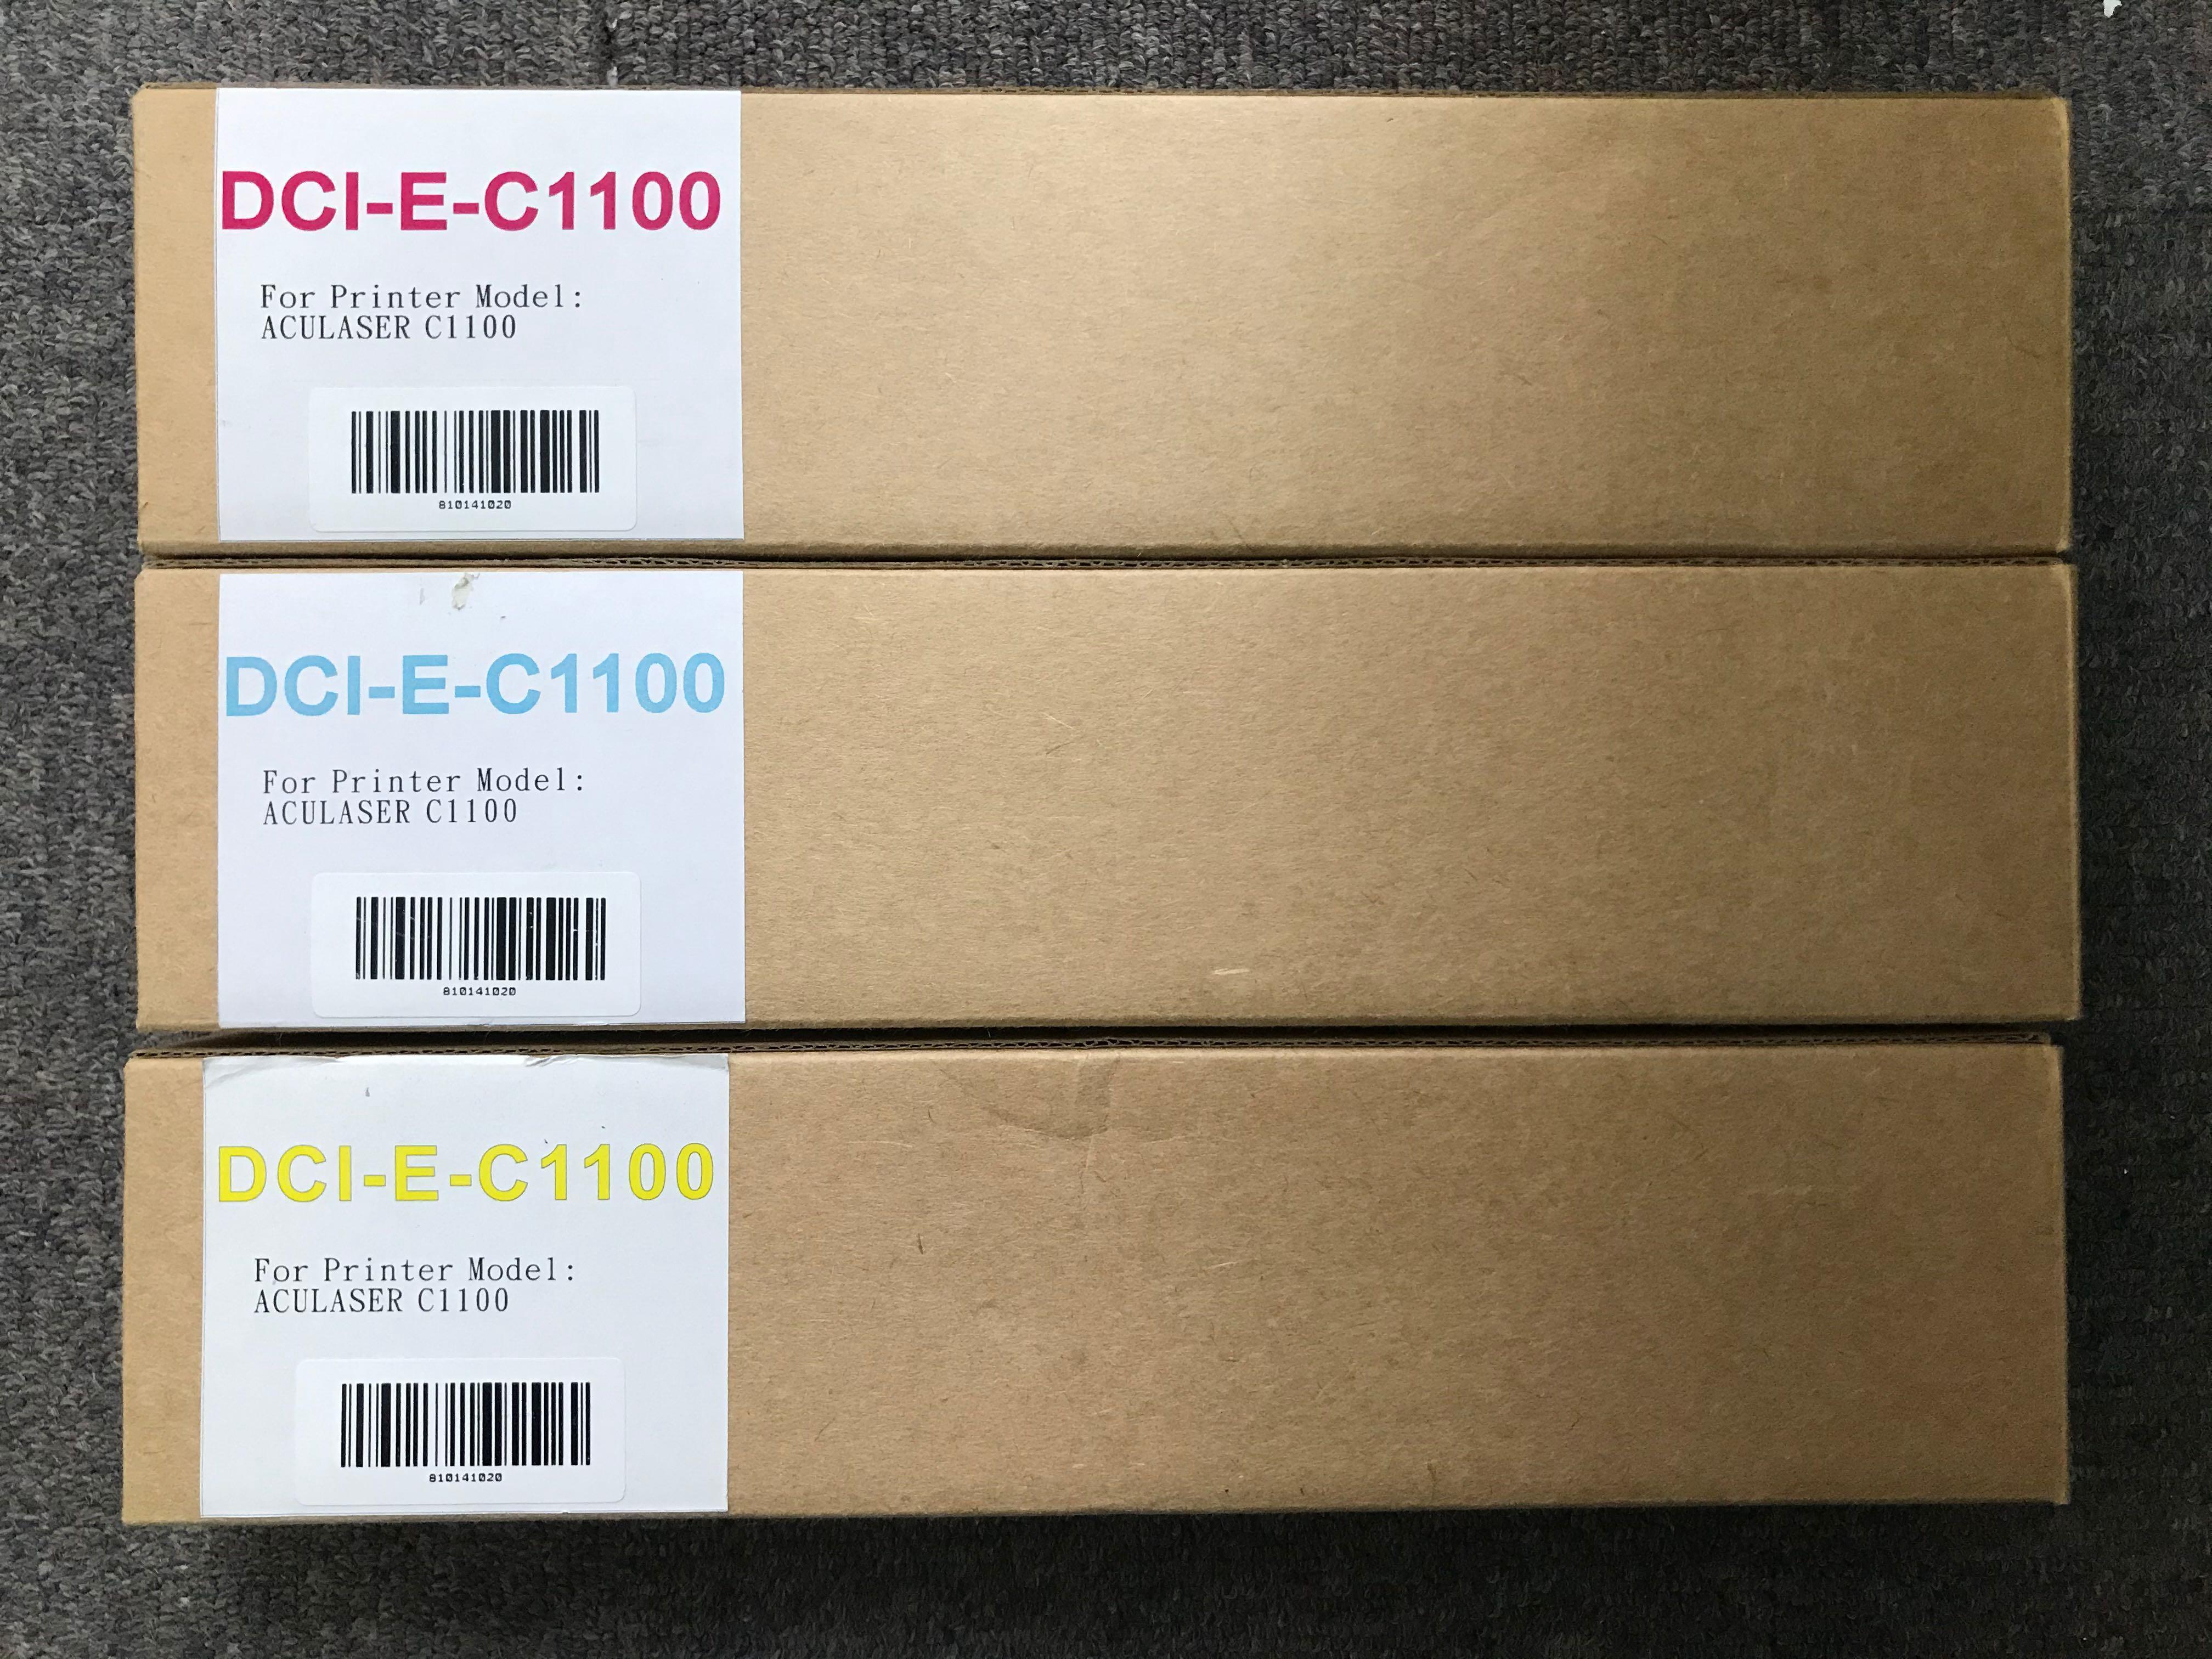 【全新出清】EPSON AcuLaser C1100/CX11 碳粉匣#週慶